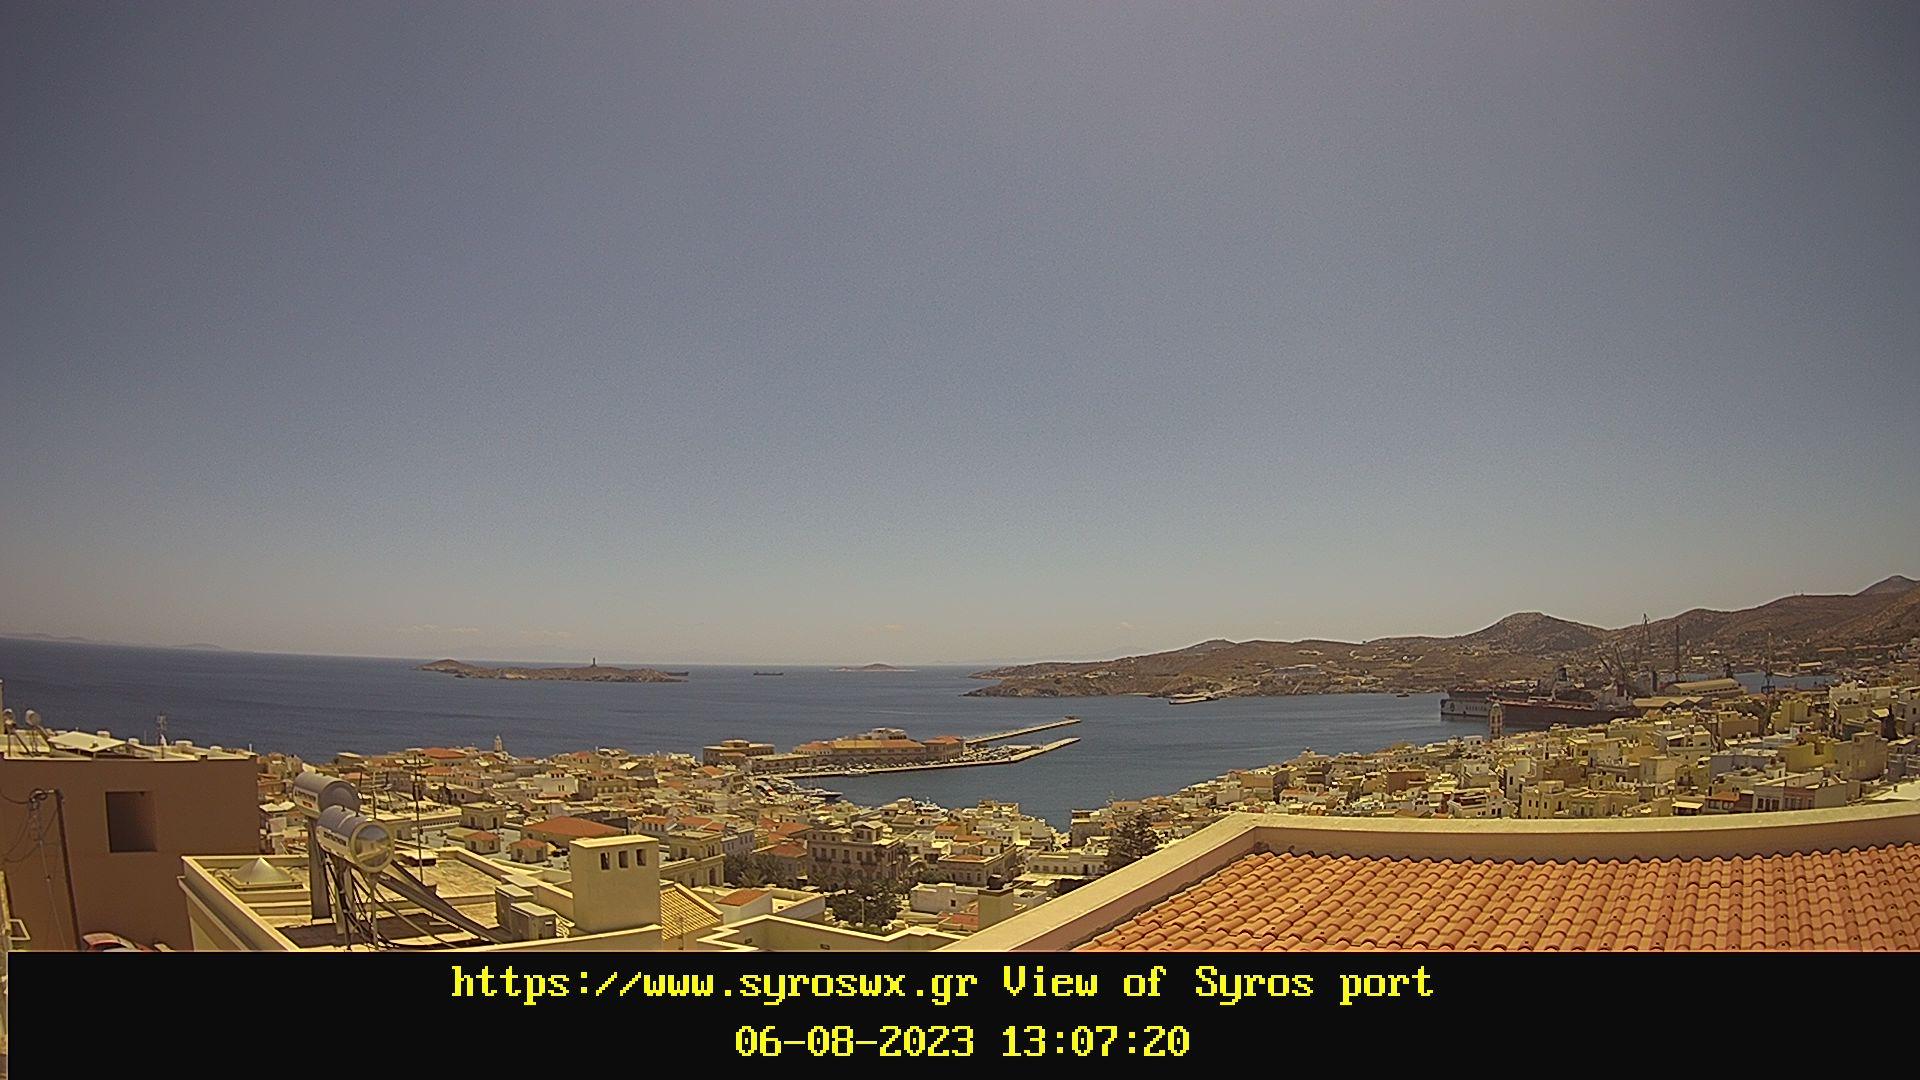 Live εικόνα από το λιμάνι της Σύρου